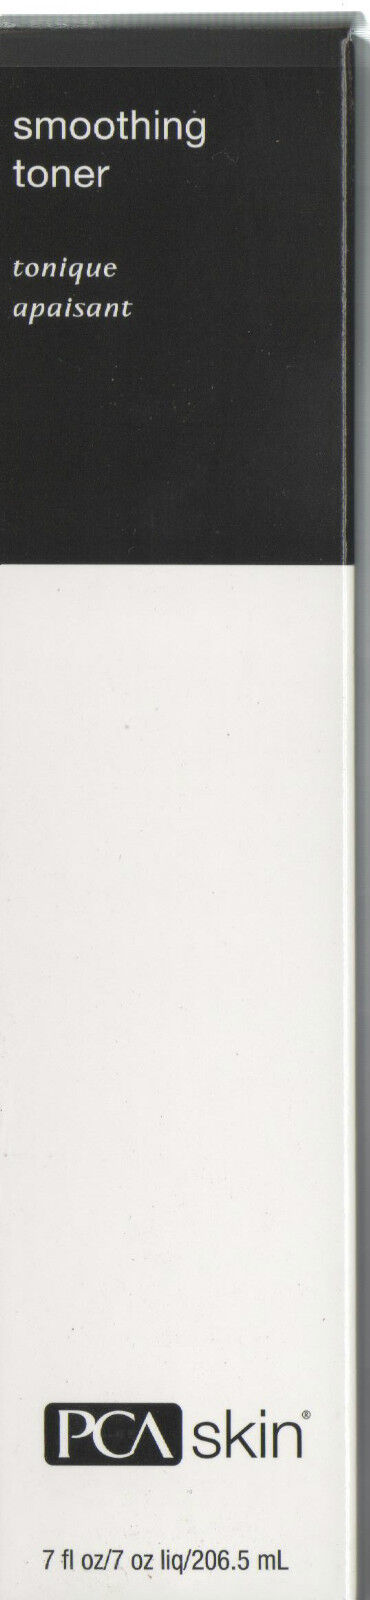 Smoothing Toner by PCA Skin for Unisex - 7 oz Toner